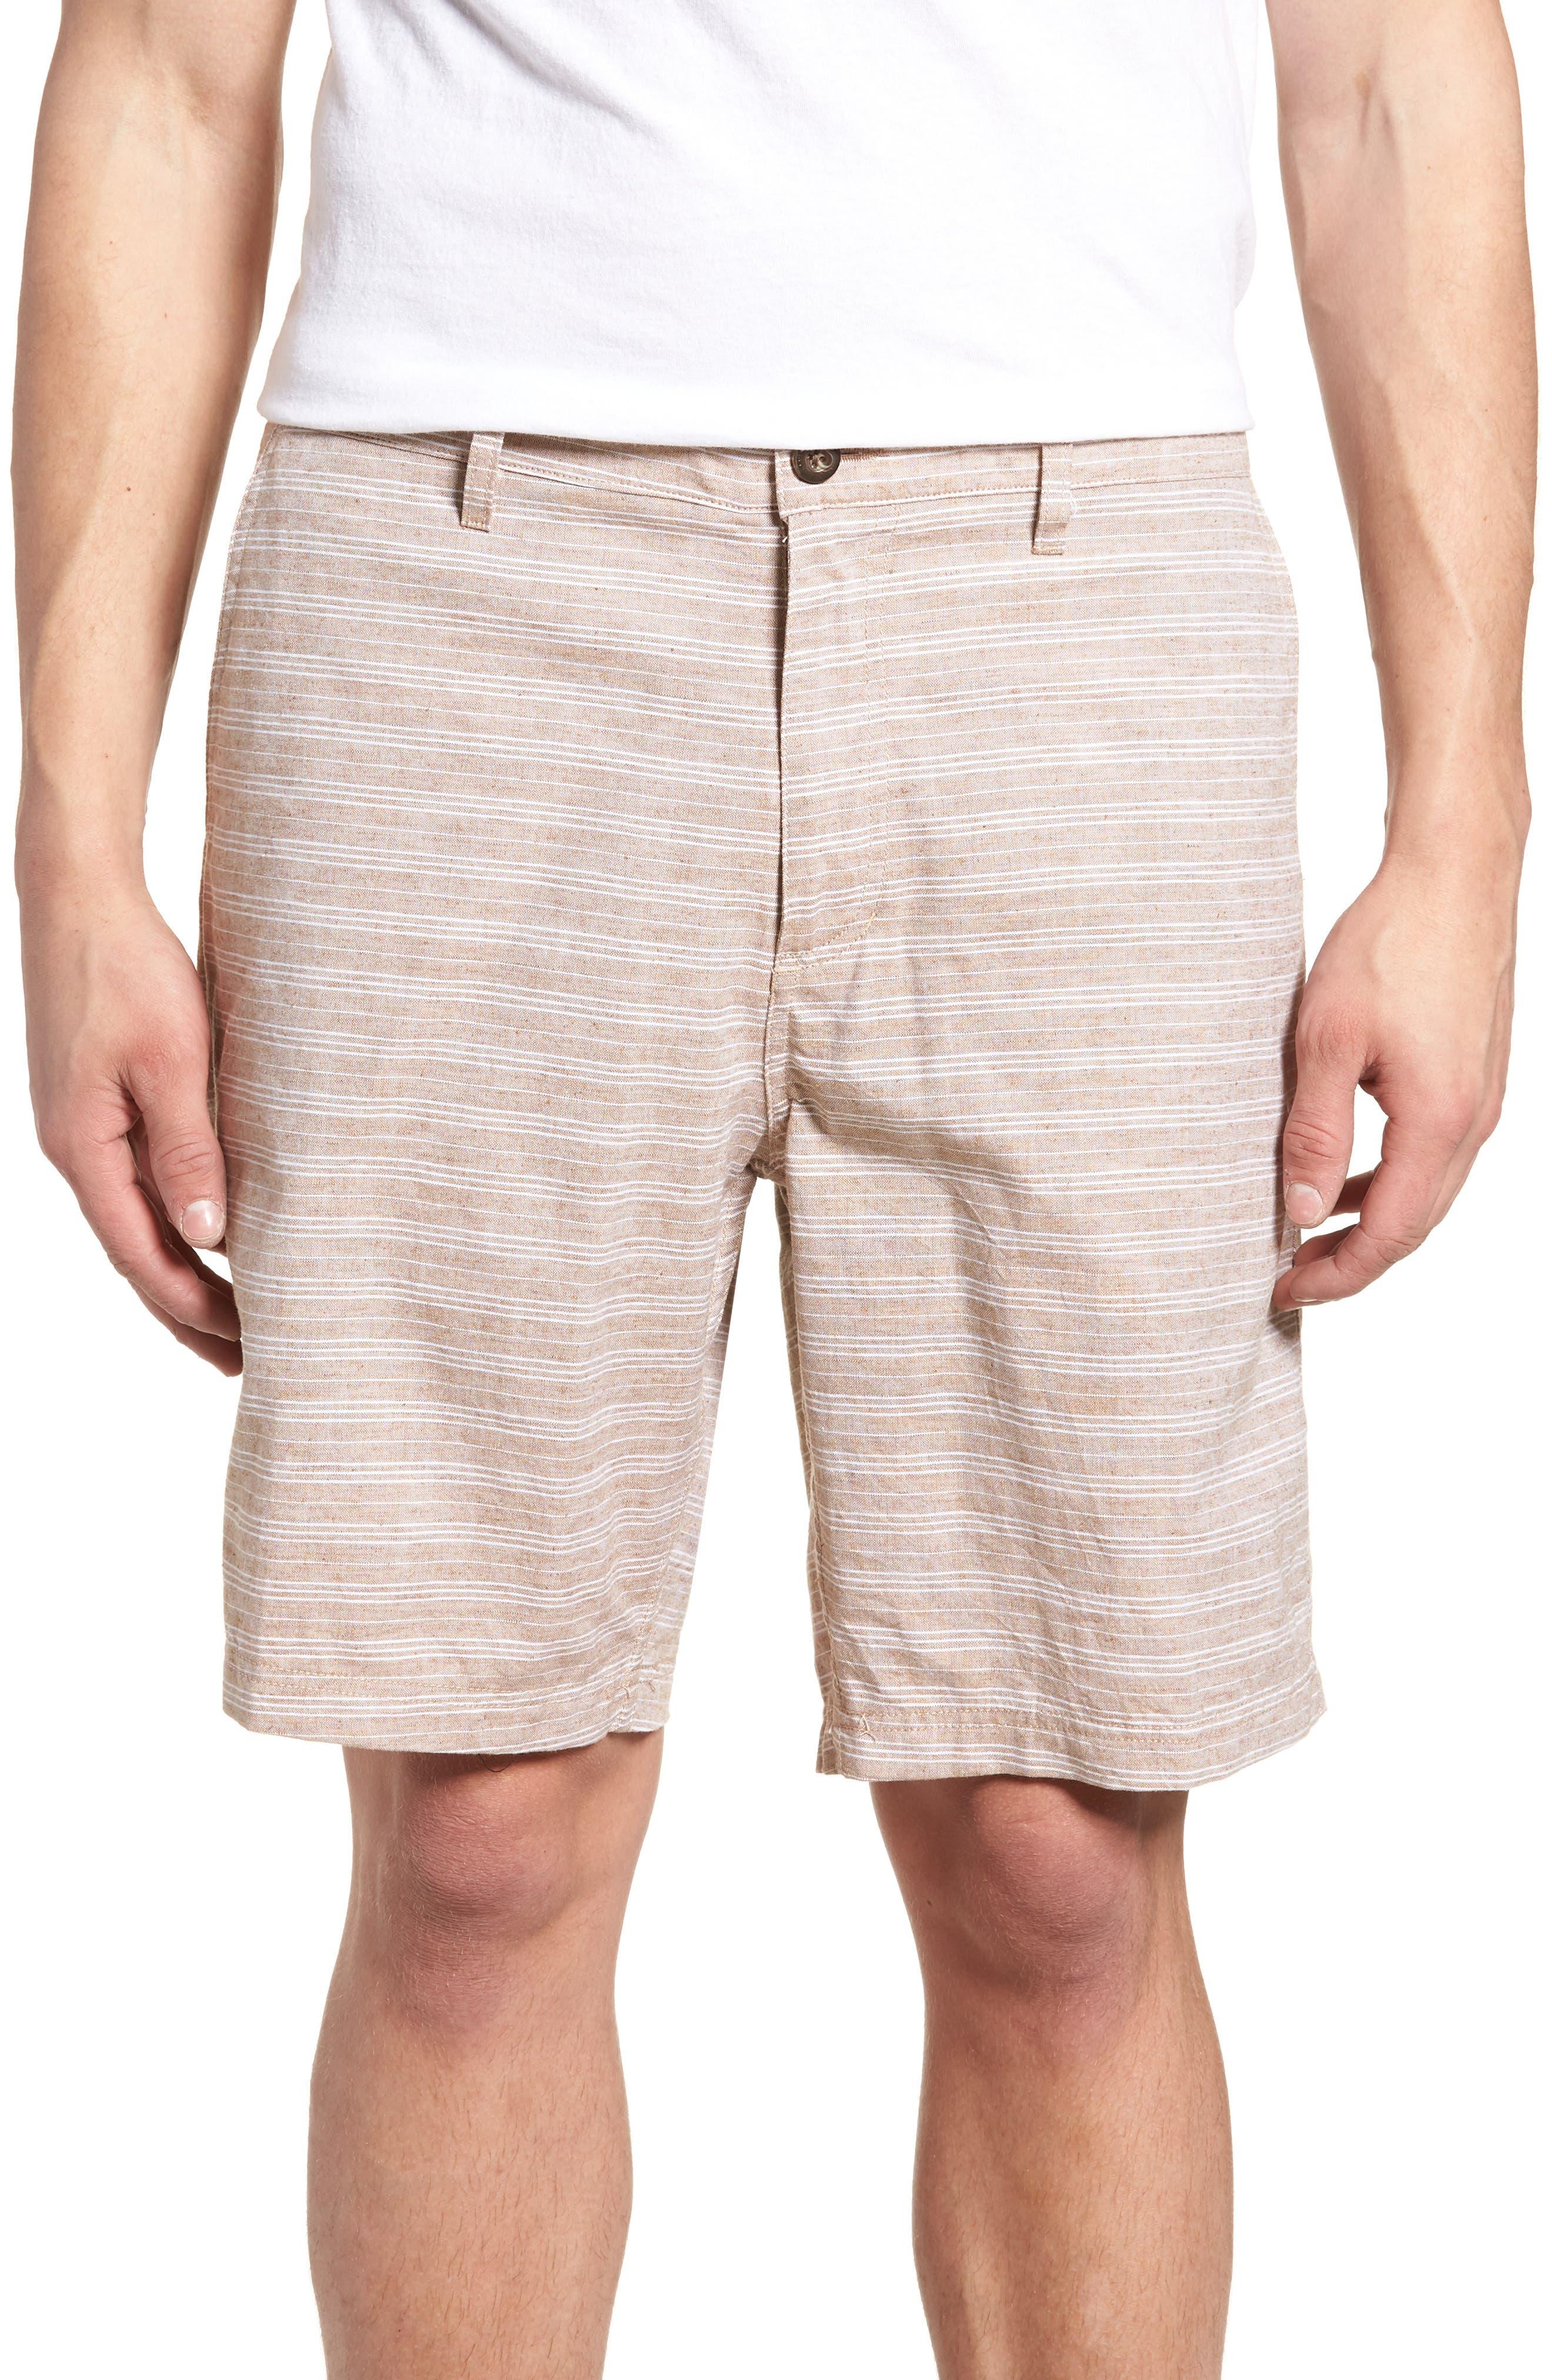 Windward Shorts,                             Main thumbnail 1, color,                             Tobacco